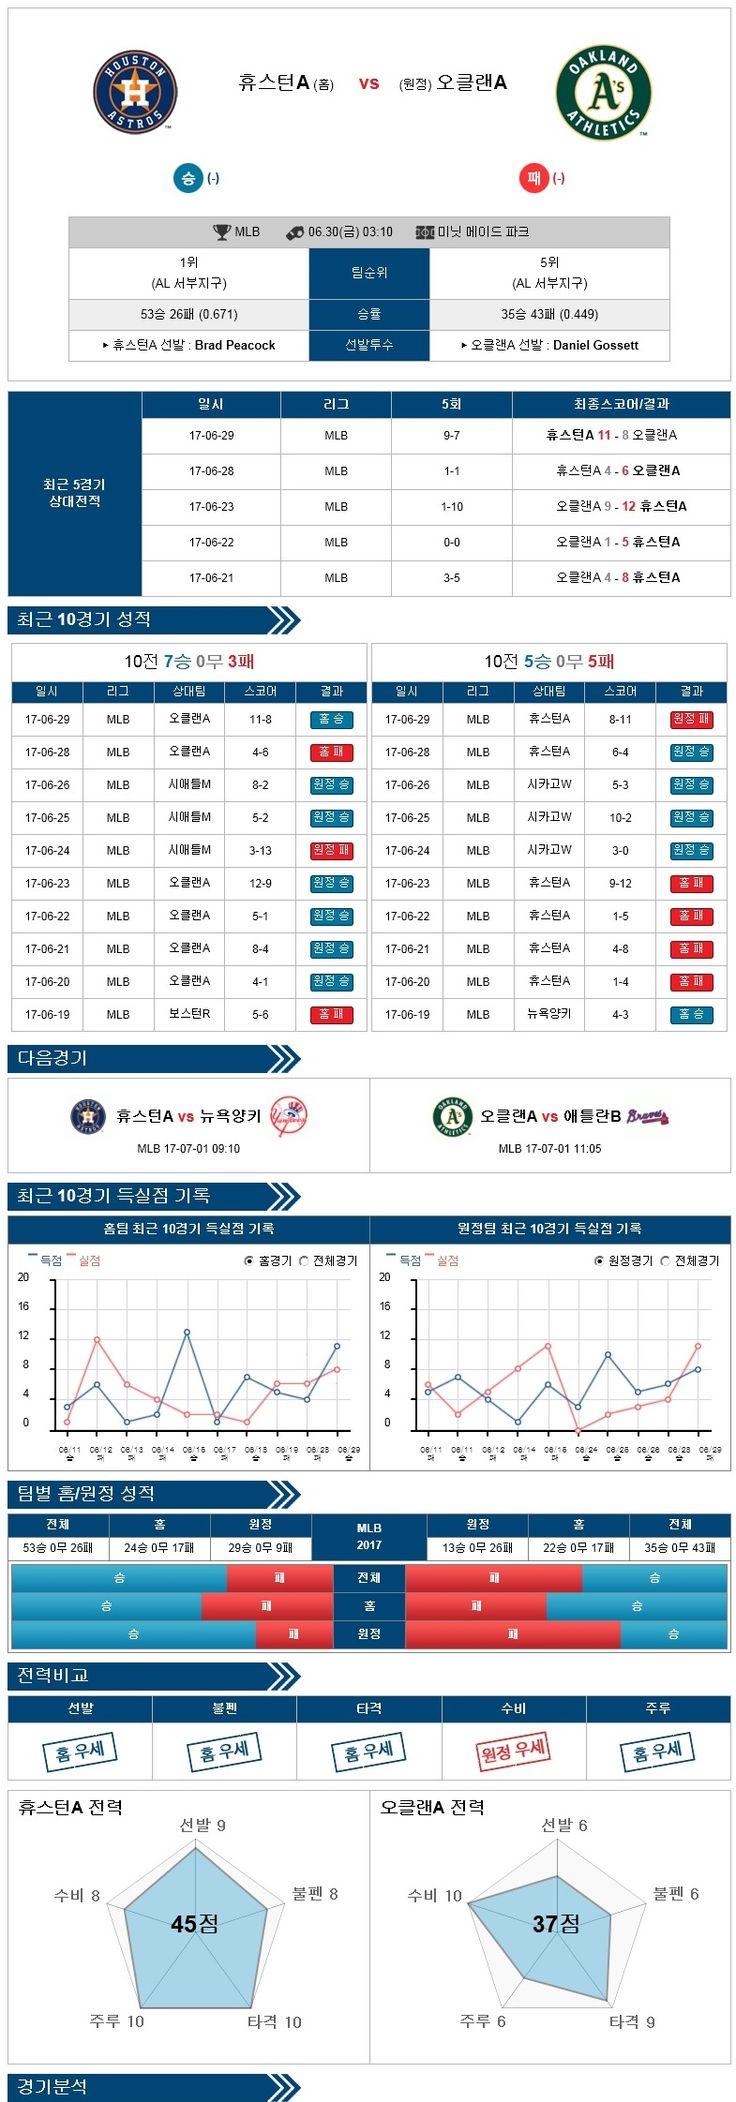 [MLB] 6월 30일 야구분석픽 휴스턴 vs 오클랜드 ★토토군 분석픽★